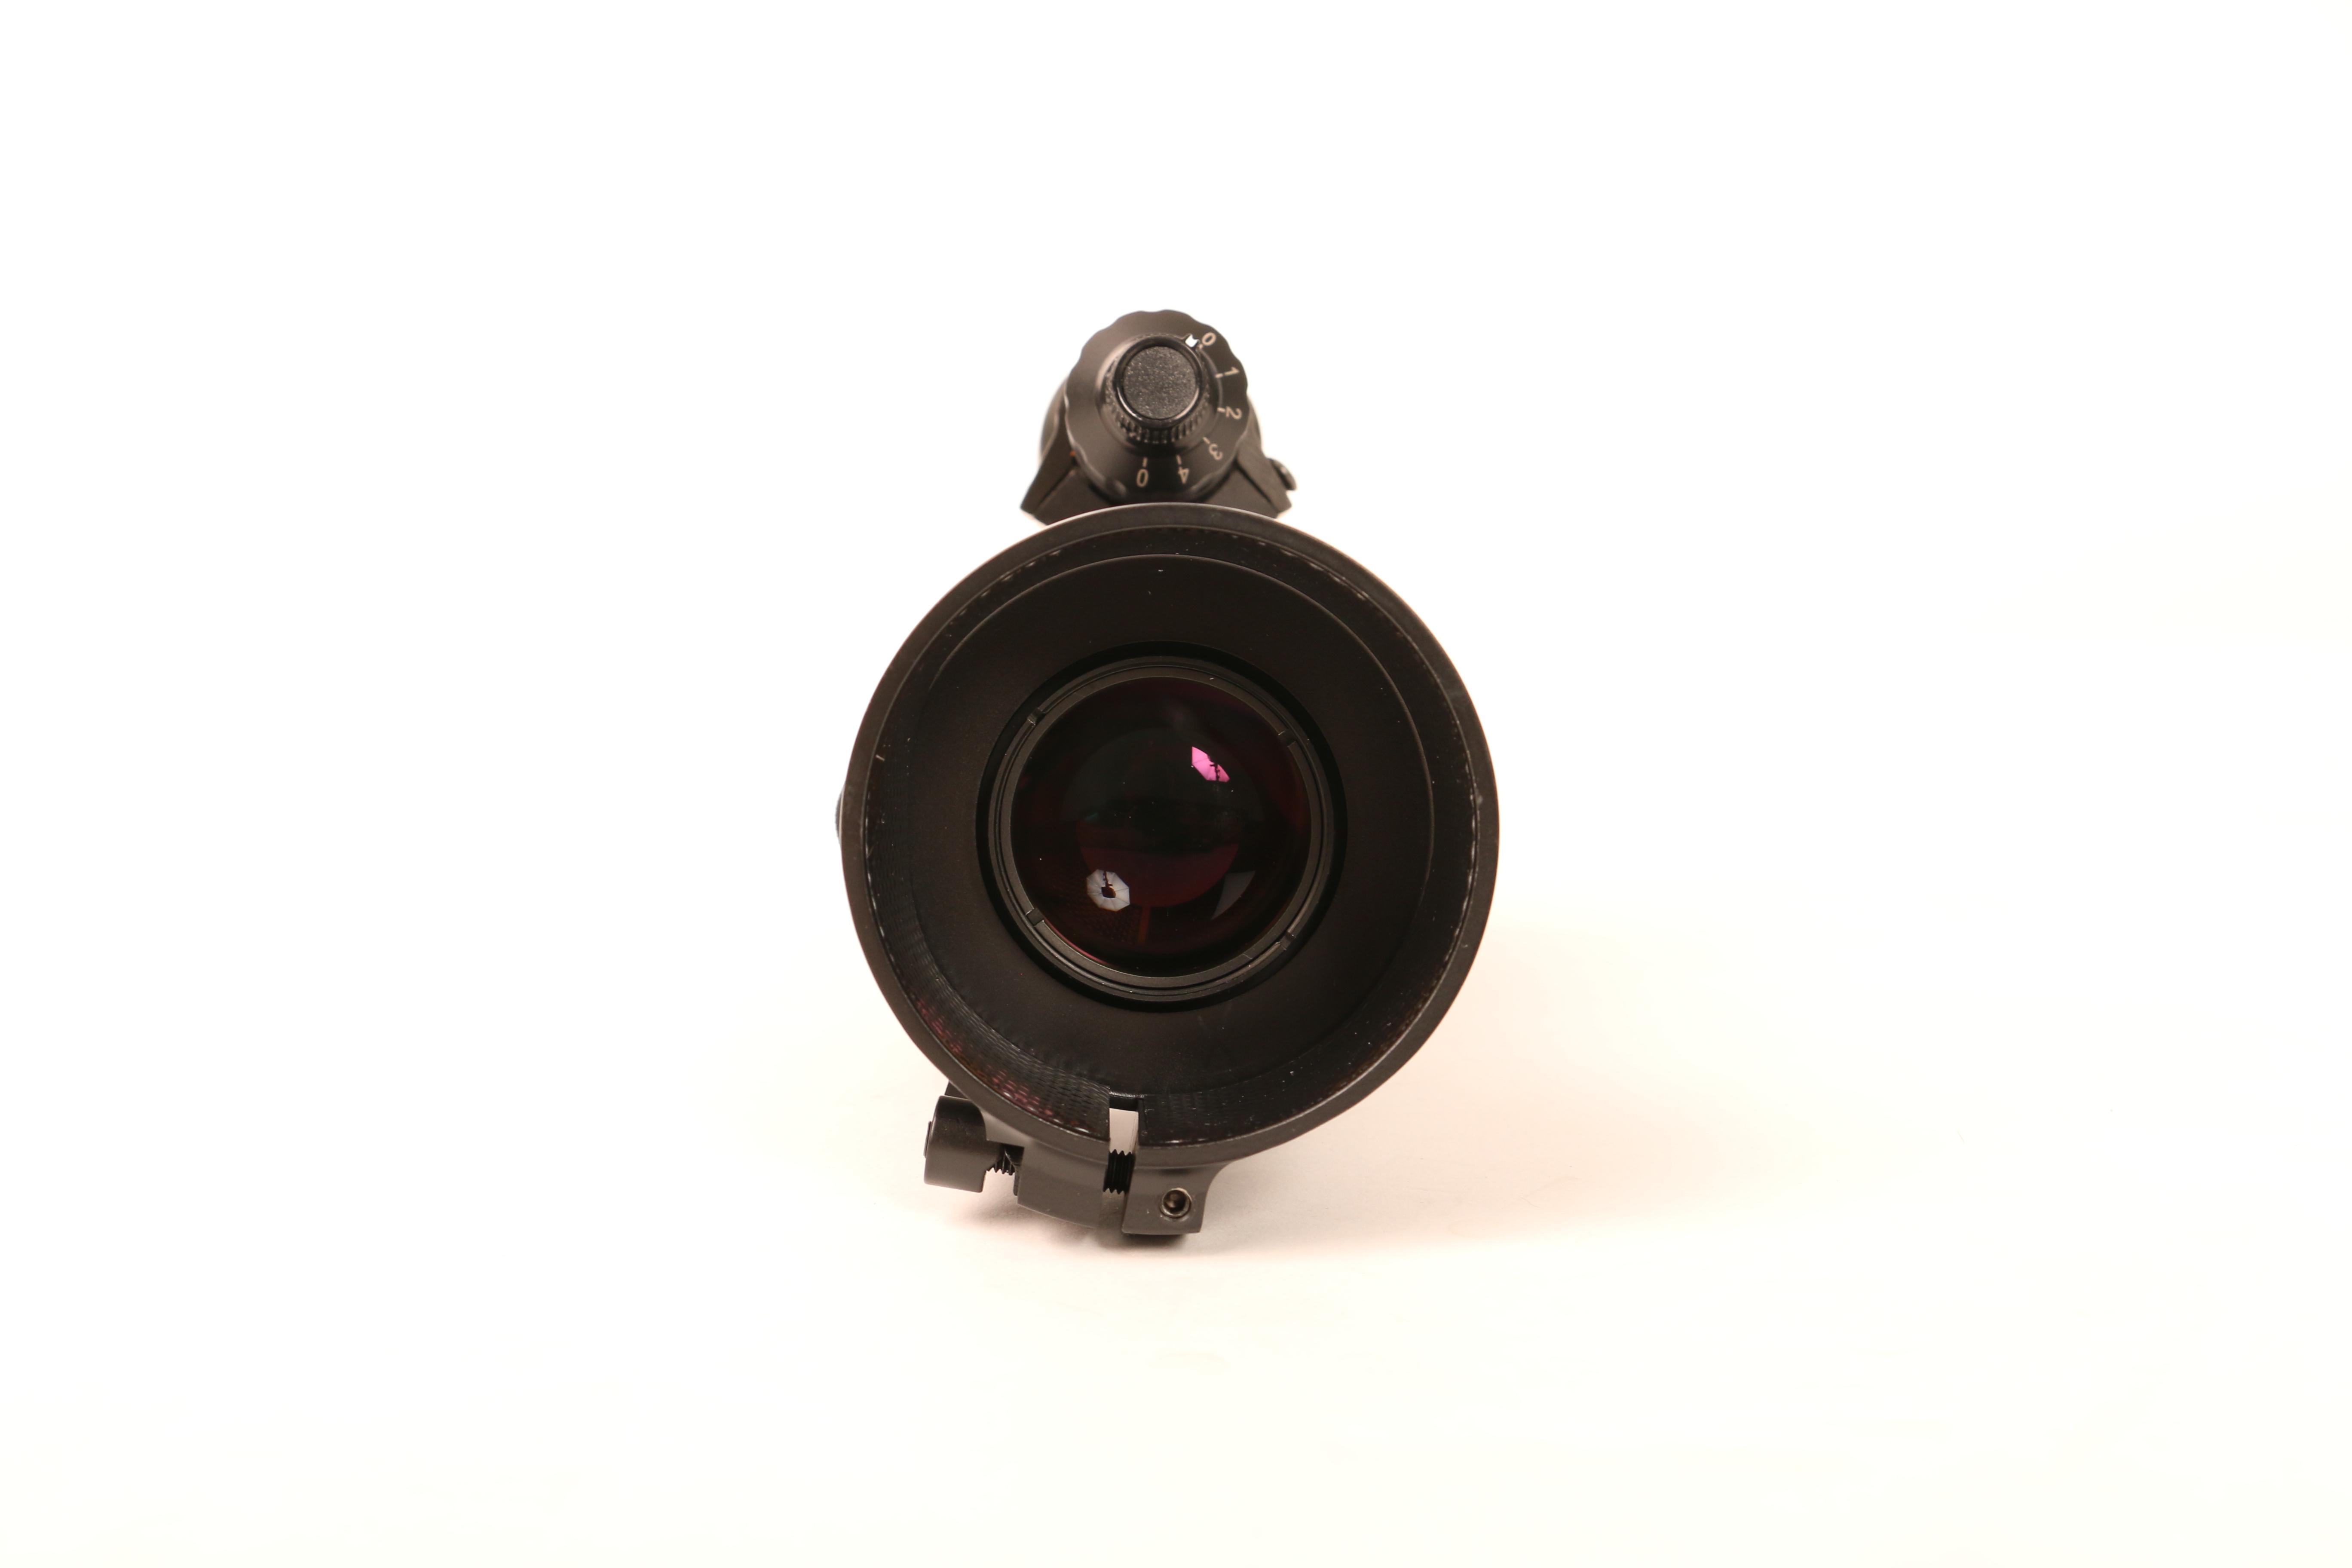 Jahnke DJ-8 NSV Premium Onyx Nachtsichtgerät Jahnke Nachtsichtgeräte - Neue Technik für die Jagd